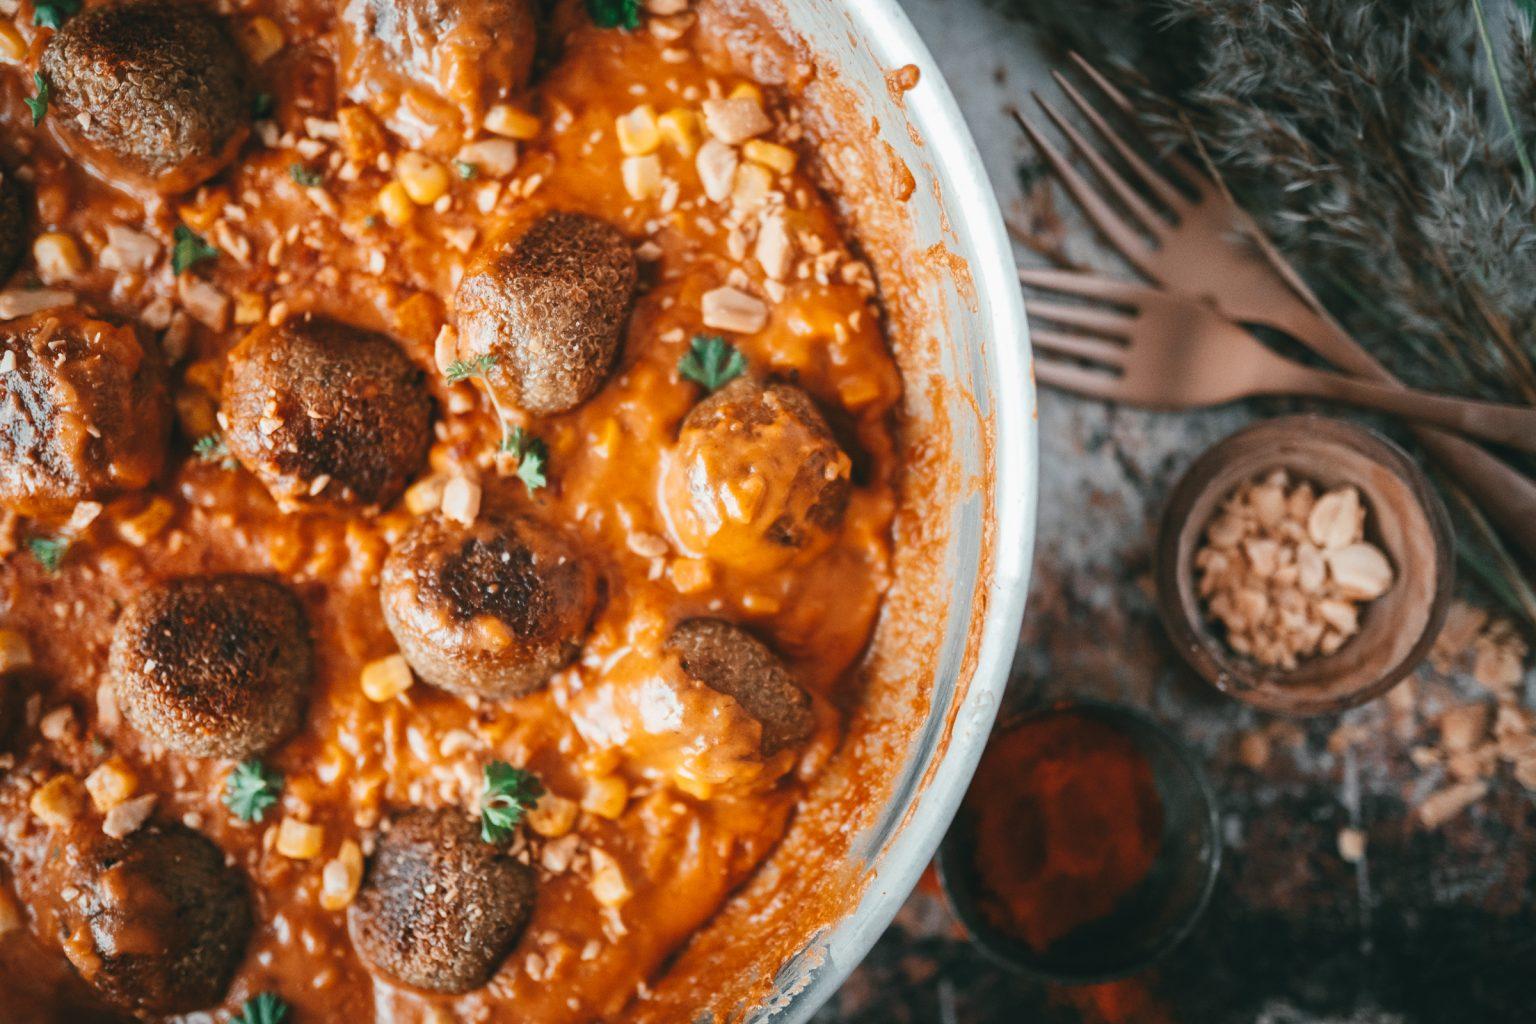 ZUVA Quinoa Baellchen 16 | Wir finden es wichtig, auch immer einen Blick über den Tellerrand zu wagen. Dazu gehört für uns auch schon recht lange, uns immer mal wieder an veganer Küche zu probieren. Wir sind mit Sicherheit keine Profis auf dem Feld, aber auch wir möchten mit Bedacht Fleisch konsumieren und dazu gehört eben dann auch mehr und mehr vegetarische Gerichte auf den Tisch zu bringen. Also haben wir aus Quinoa richtig geniale Quinoa-Bällchen geformt und mit einer unfassbar guten afrikanischen Erdnusssauce angerichtet!